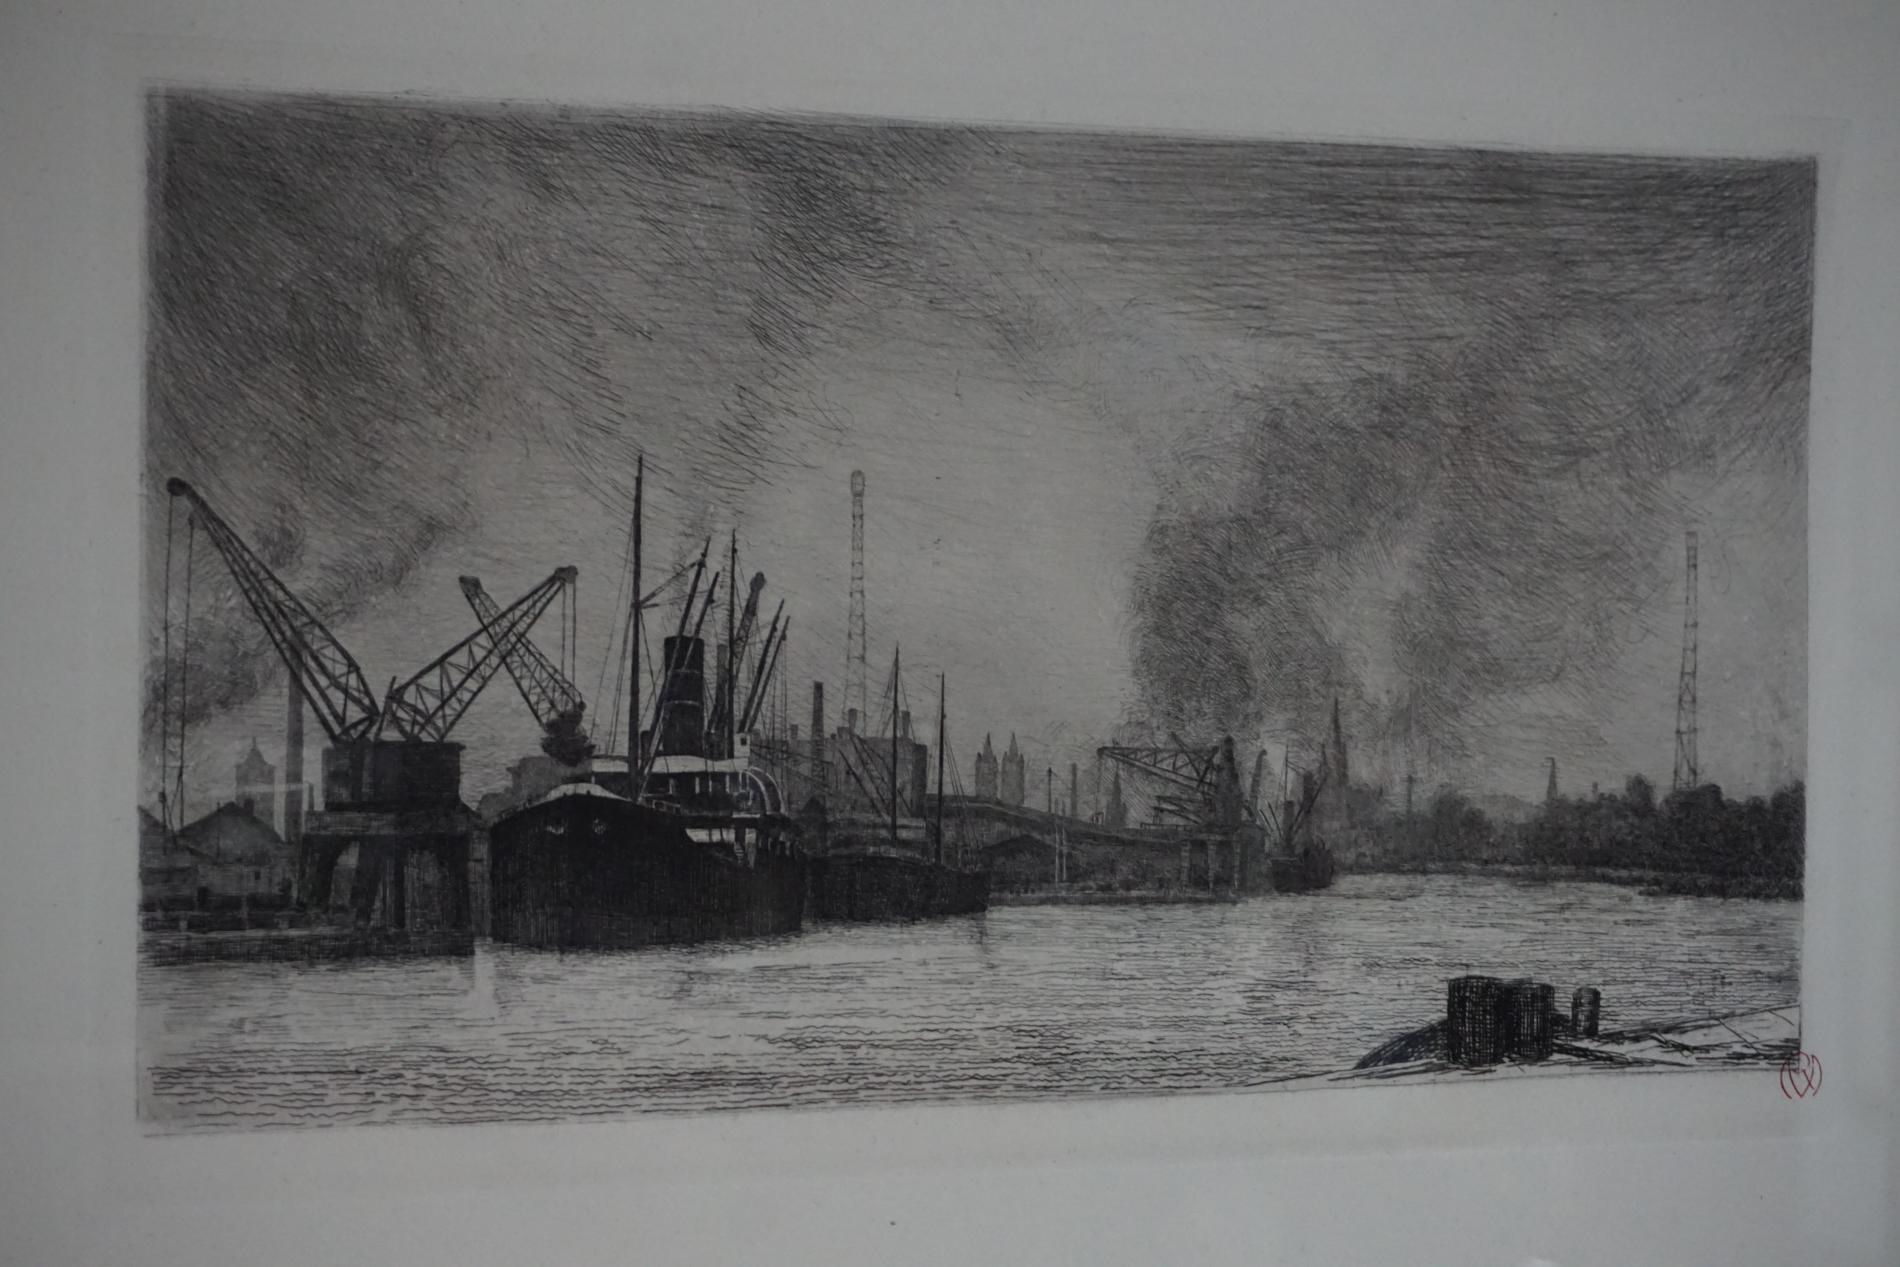 Caen vue par Raphaël MANCHON, en 1931...